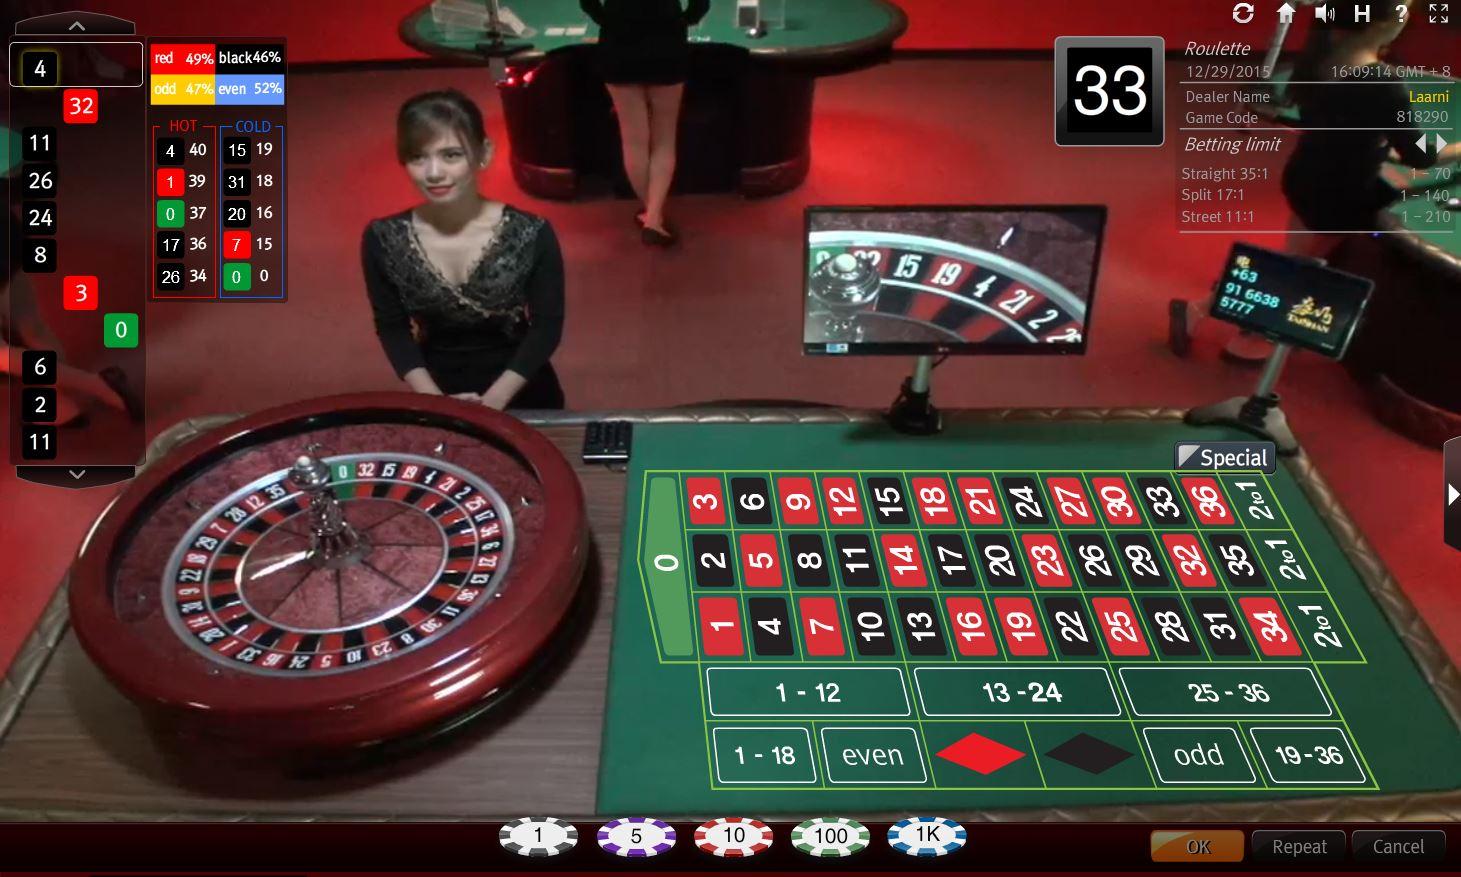 Ky nang roulette